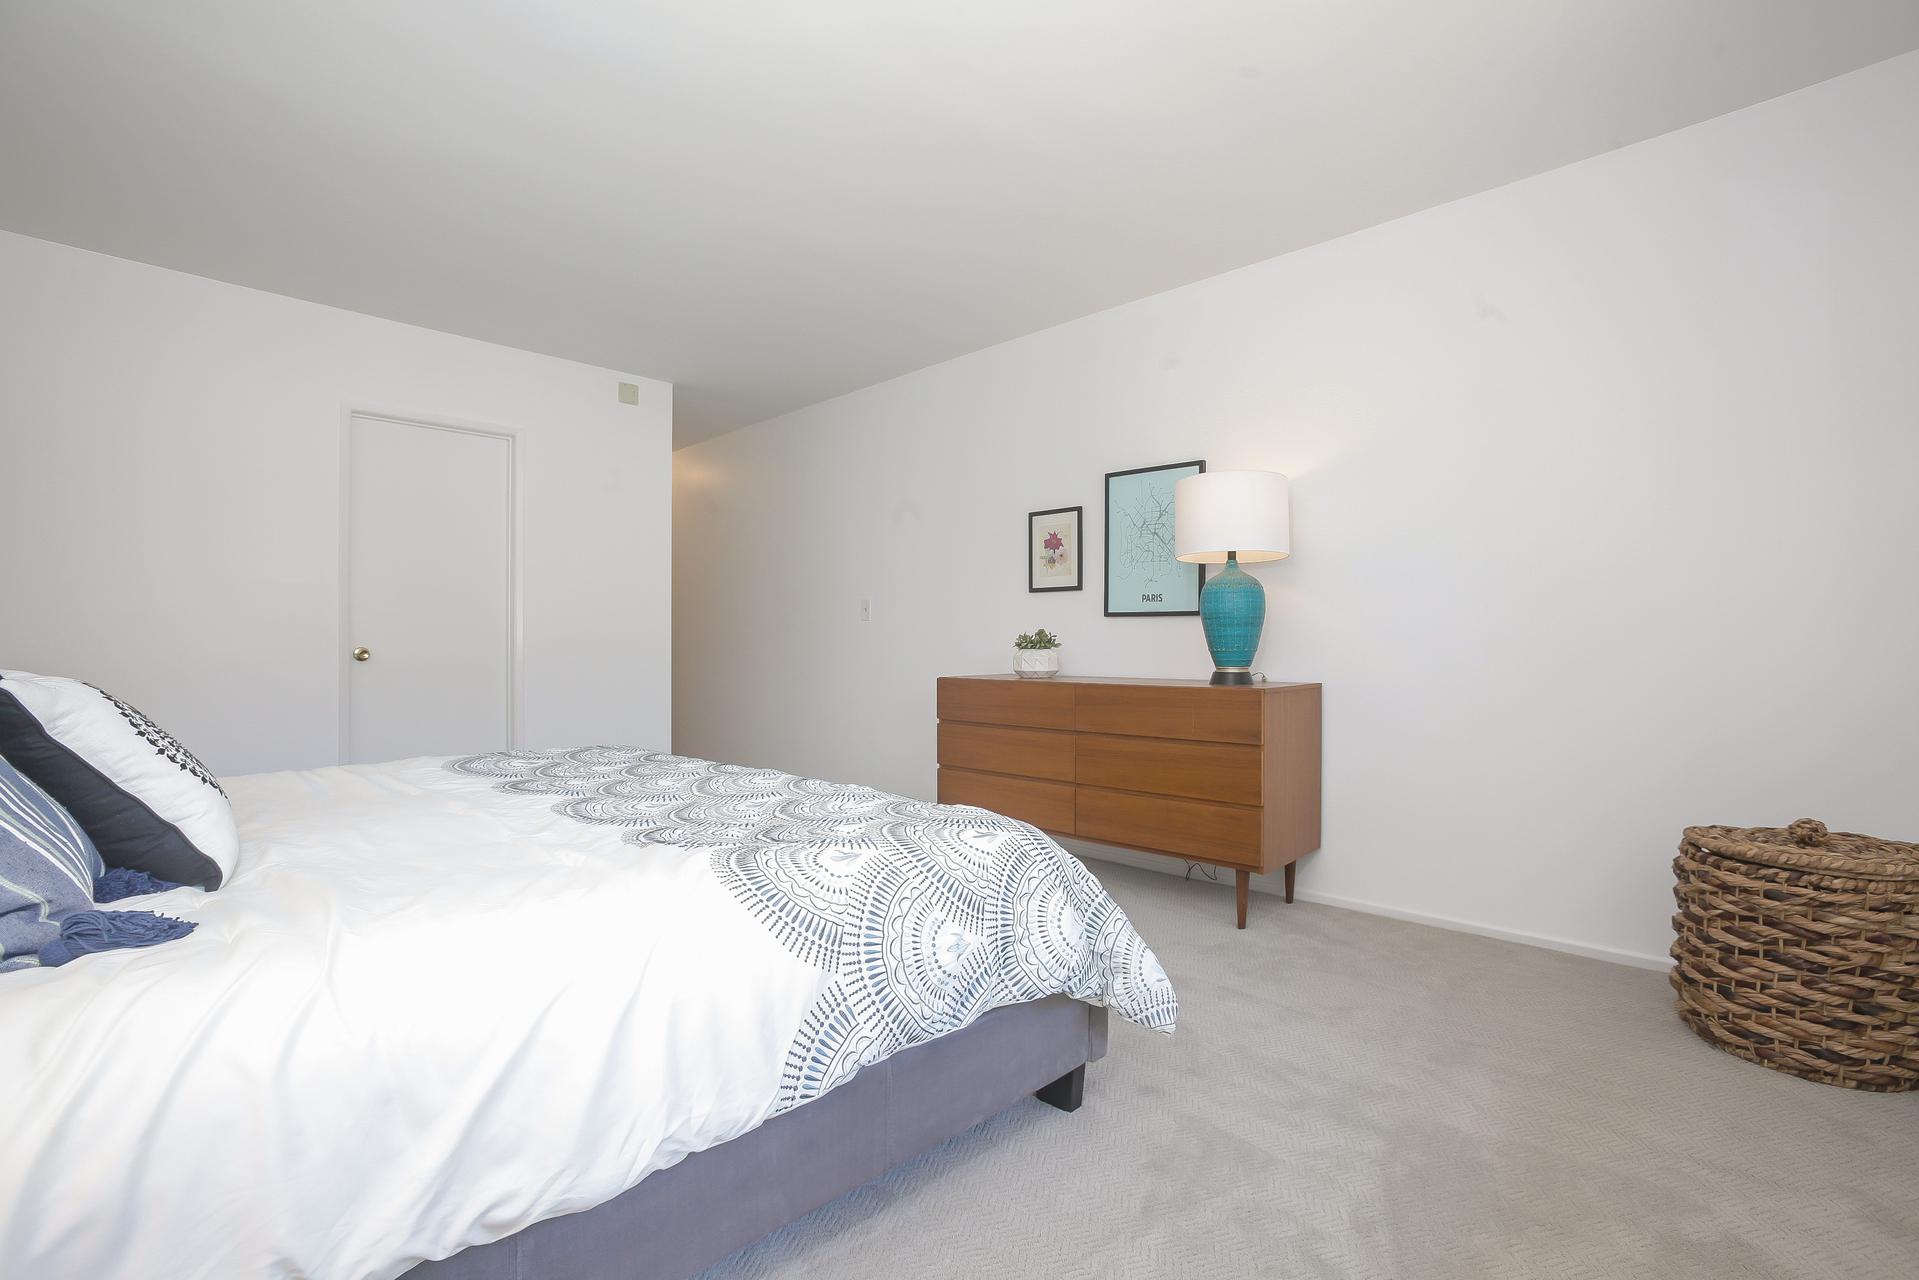 039-Master_Bedroom-4443072-medium.jpg